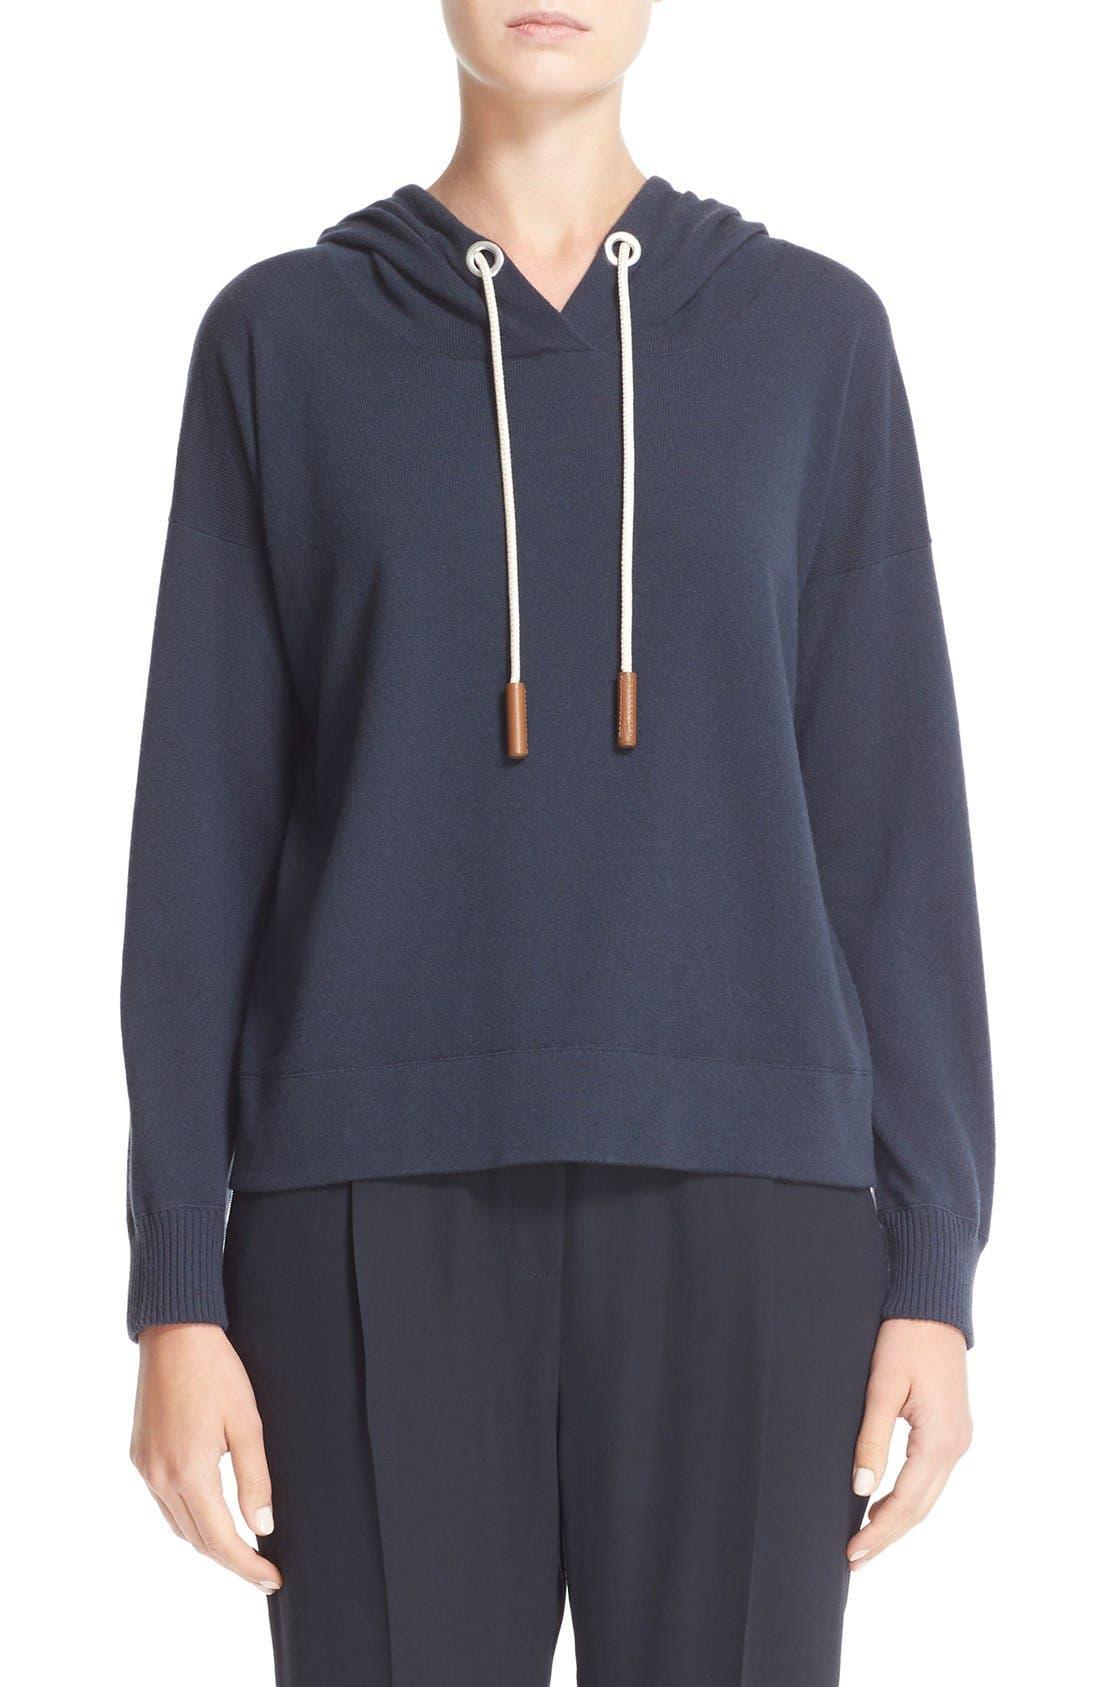 Cashmere Hooded Sweatshirt,                         Main,                         color, Slate Blue